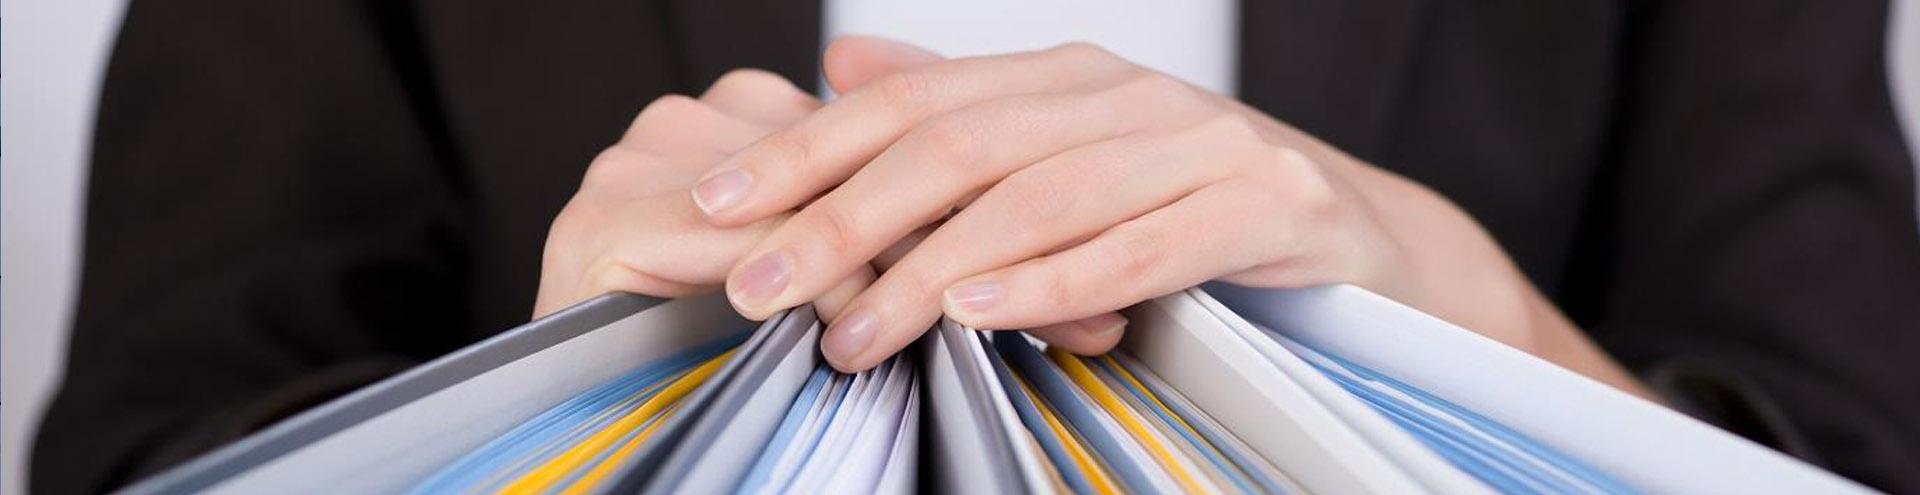 Подготовка арбитражных документов в Нижнем Новгороде и Нижегородской области